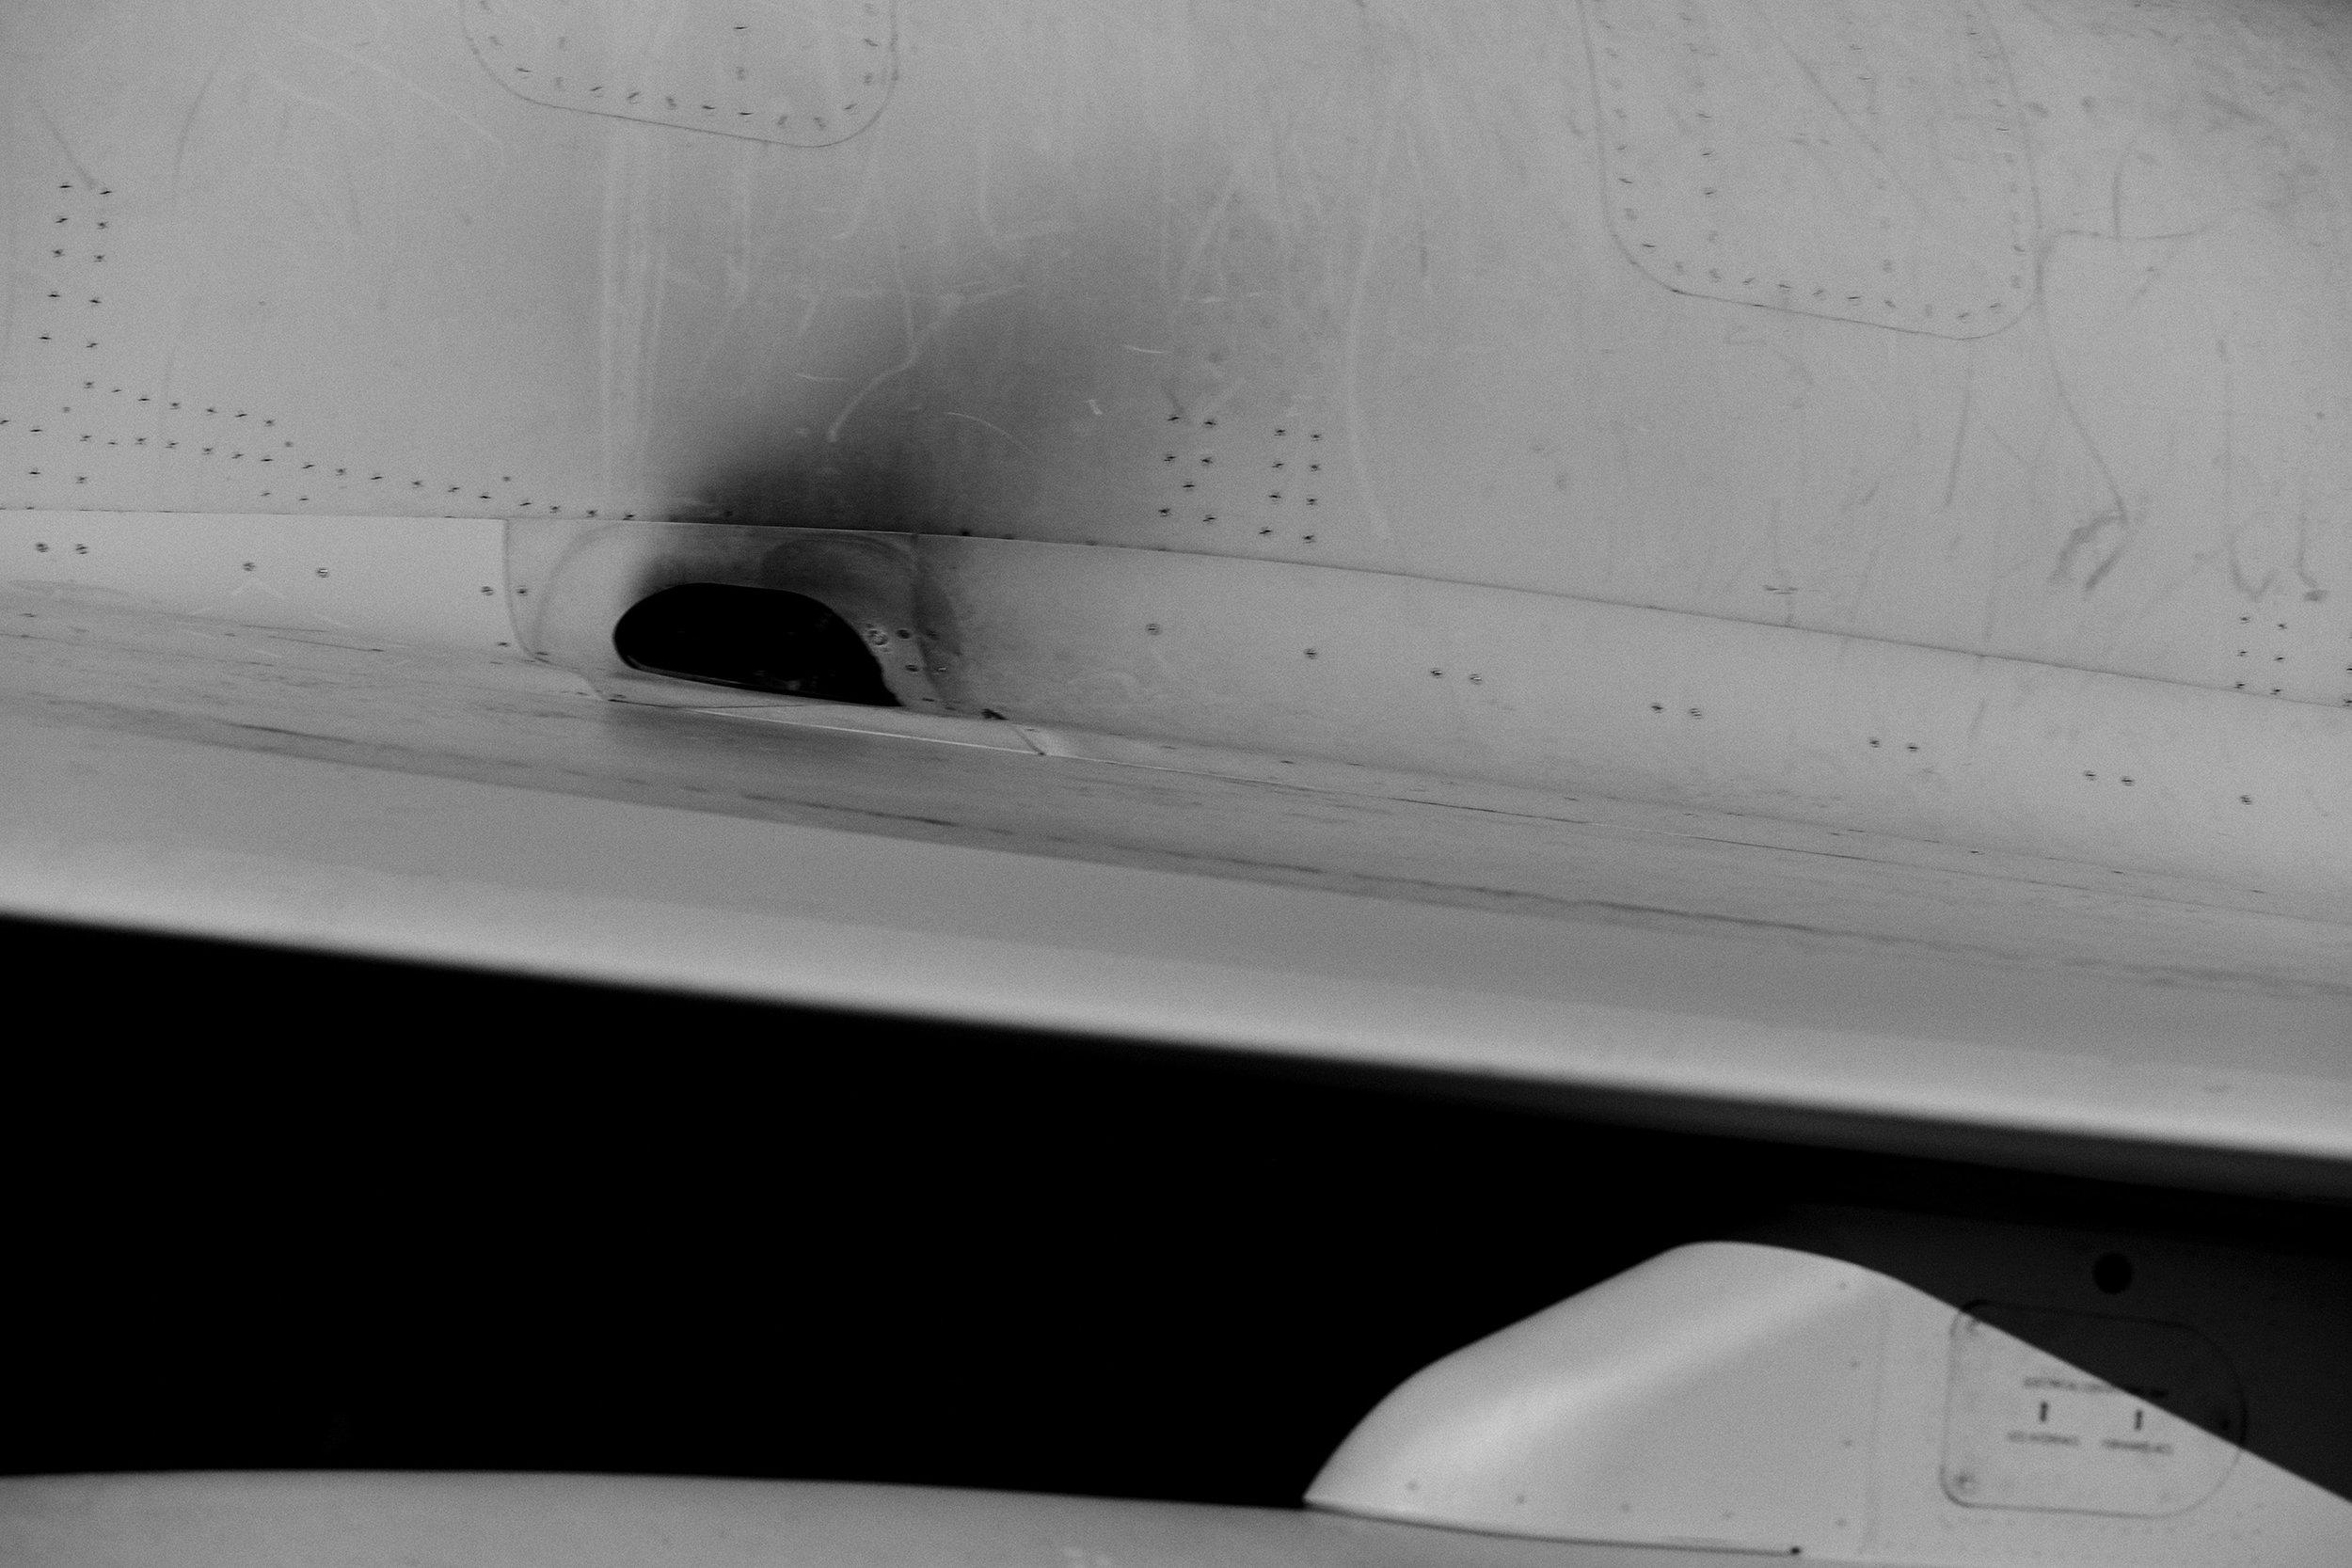 RAF_CONINGSBY__100NC_D5_169.jpg